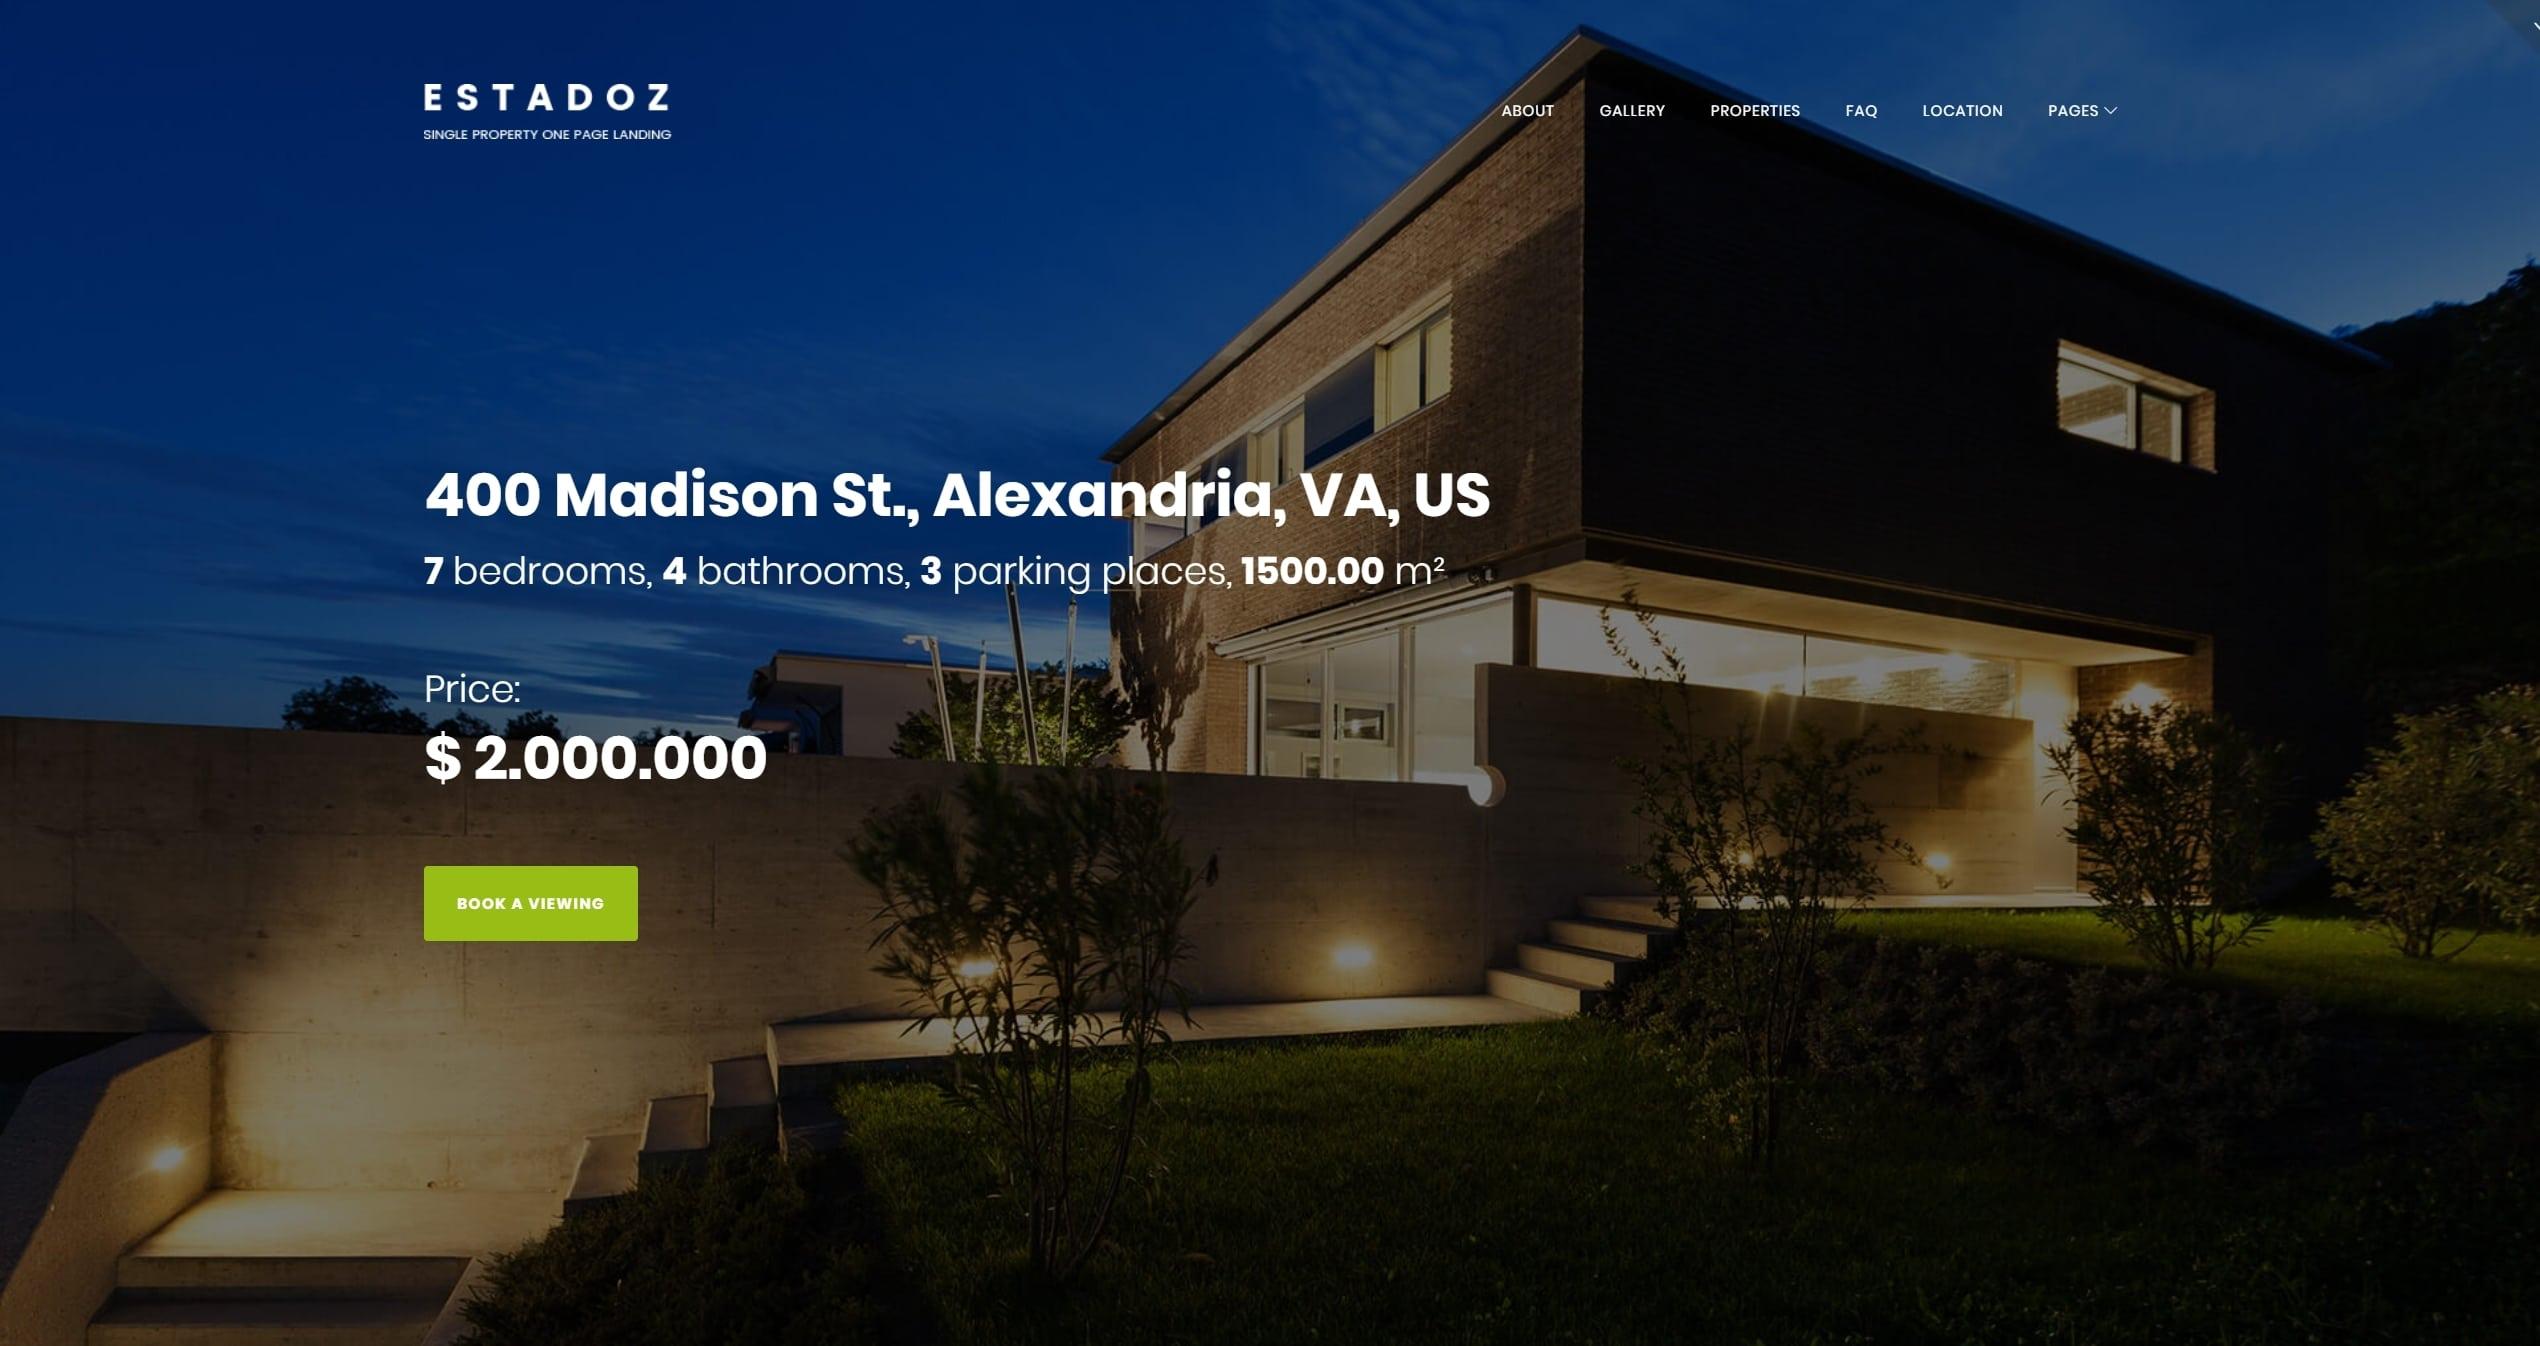 Лучшие шаблоны сайта аренды с удобным каталогом для поиска